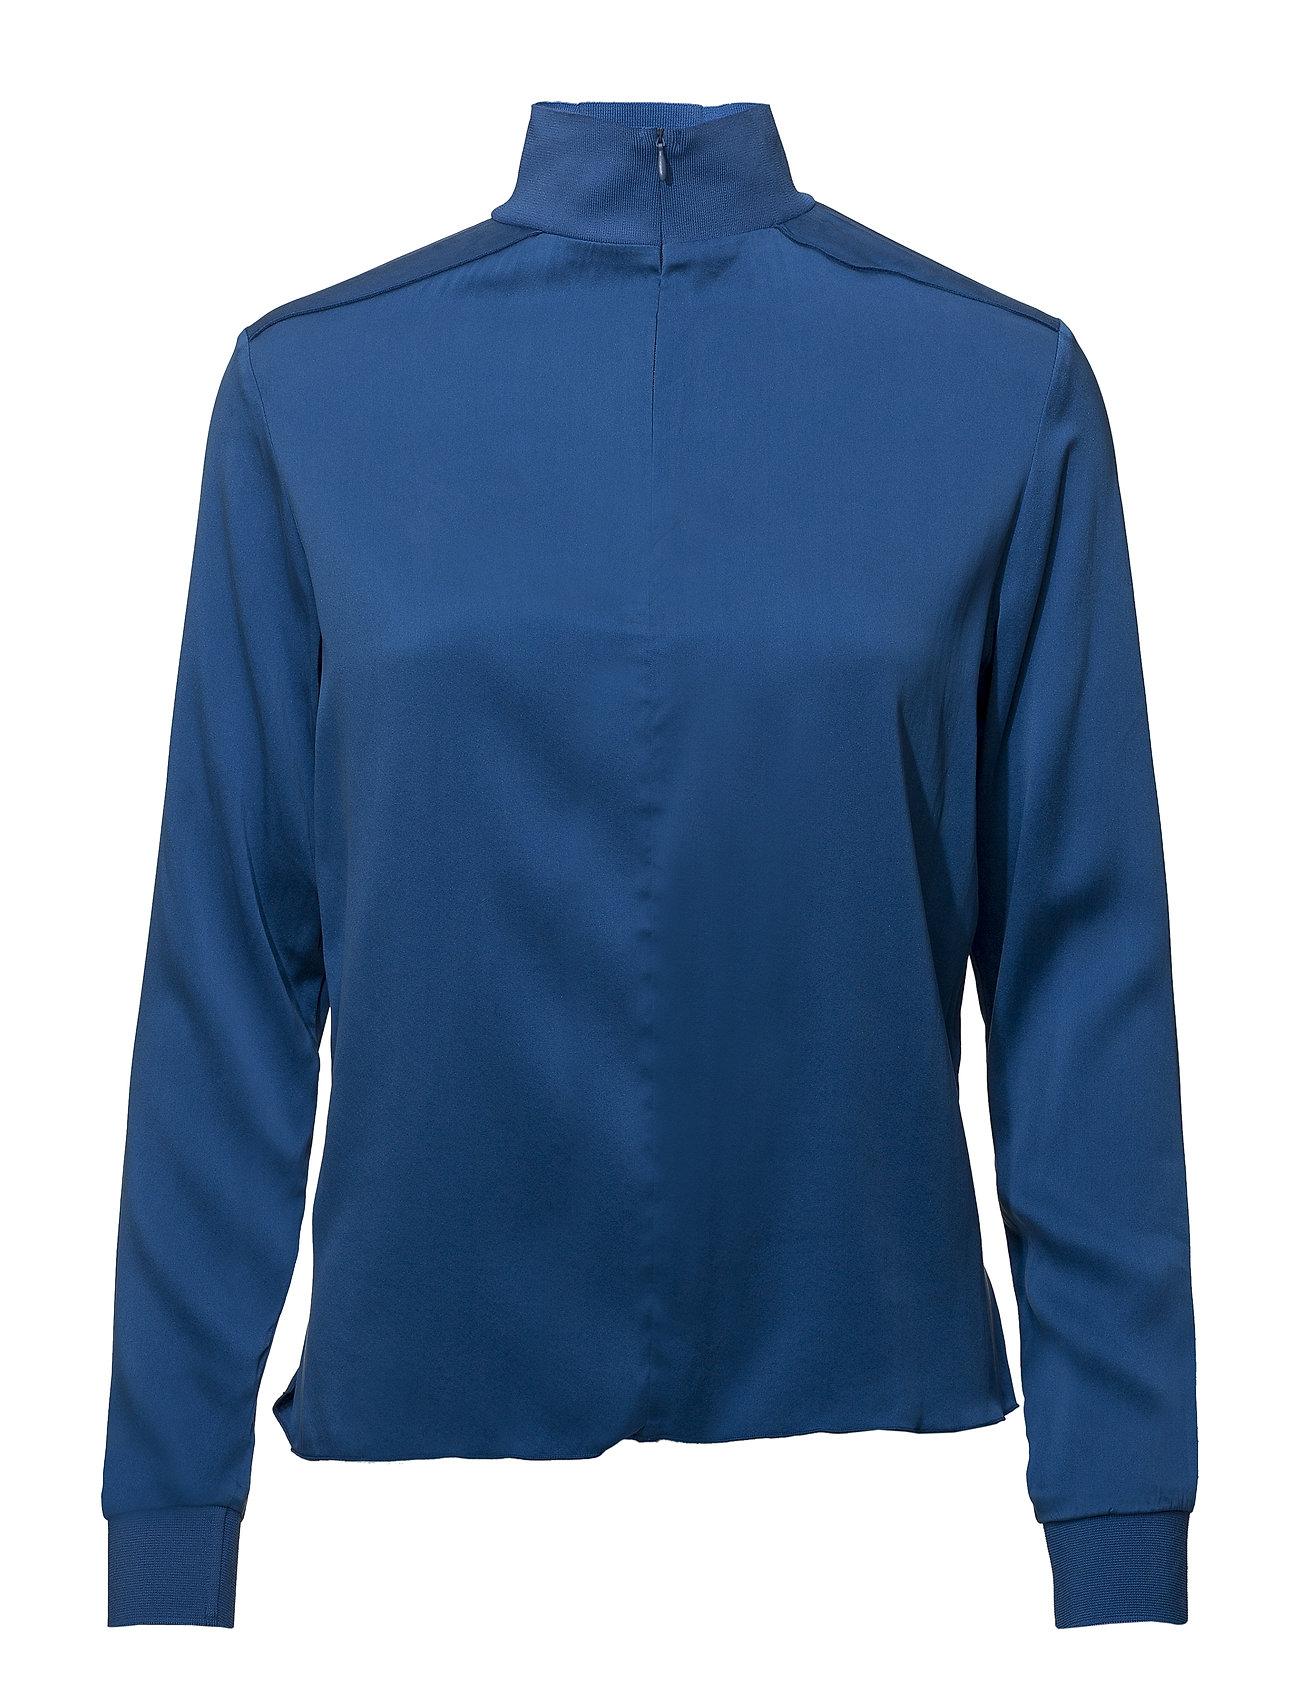 J. Lindeberg Heidi Washed Silk - WONDER BLUE